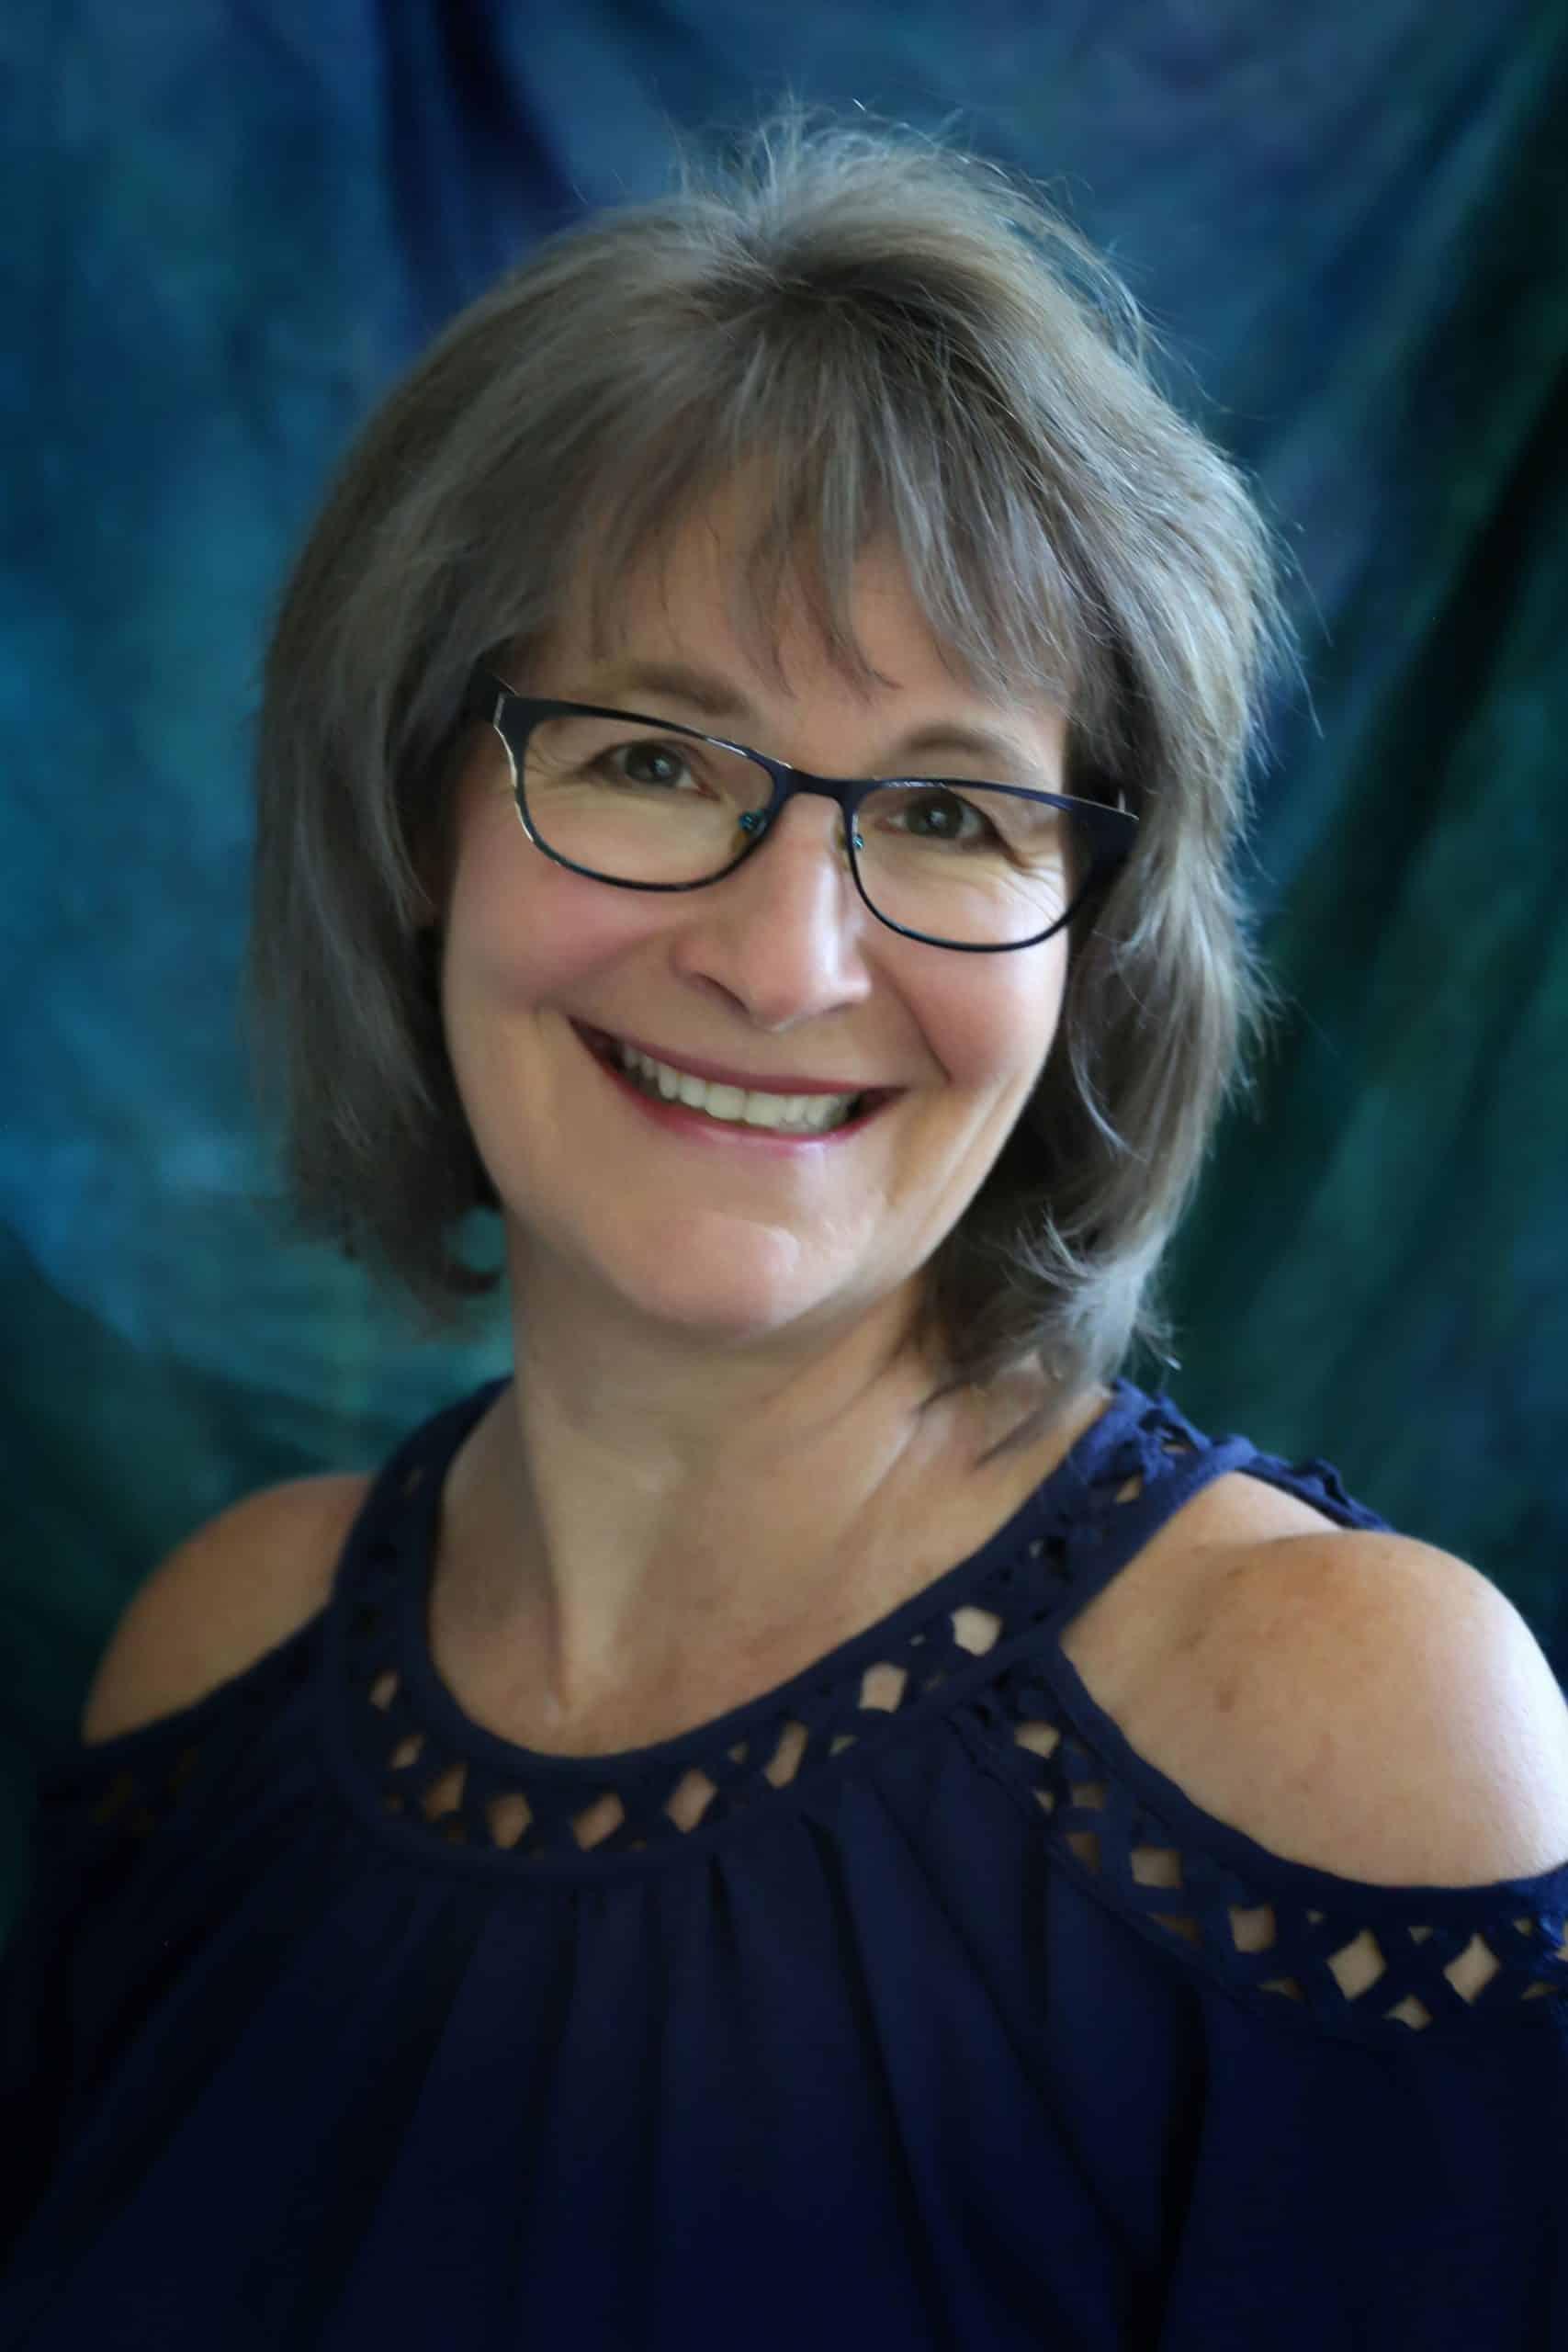 Denise Gunderson